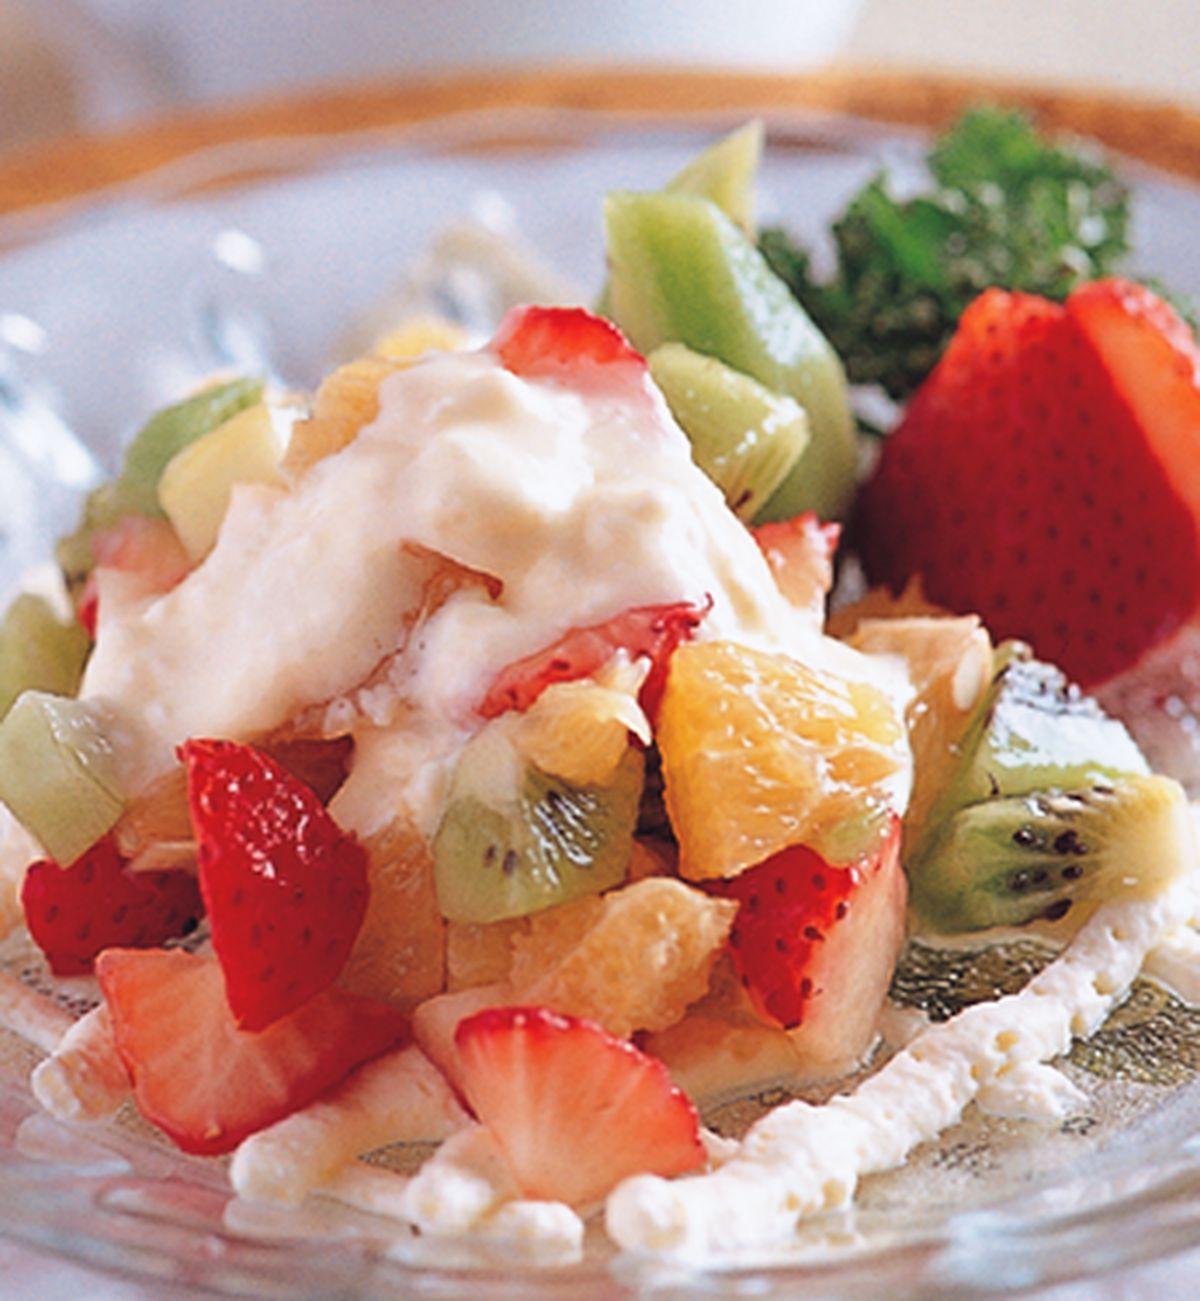 食譜:水果起司